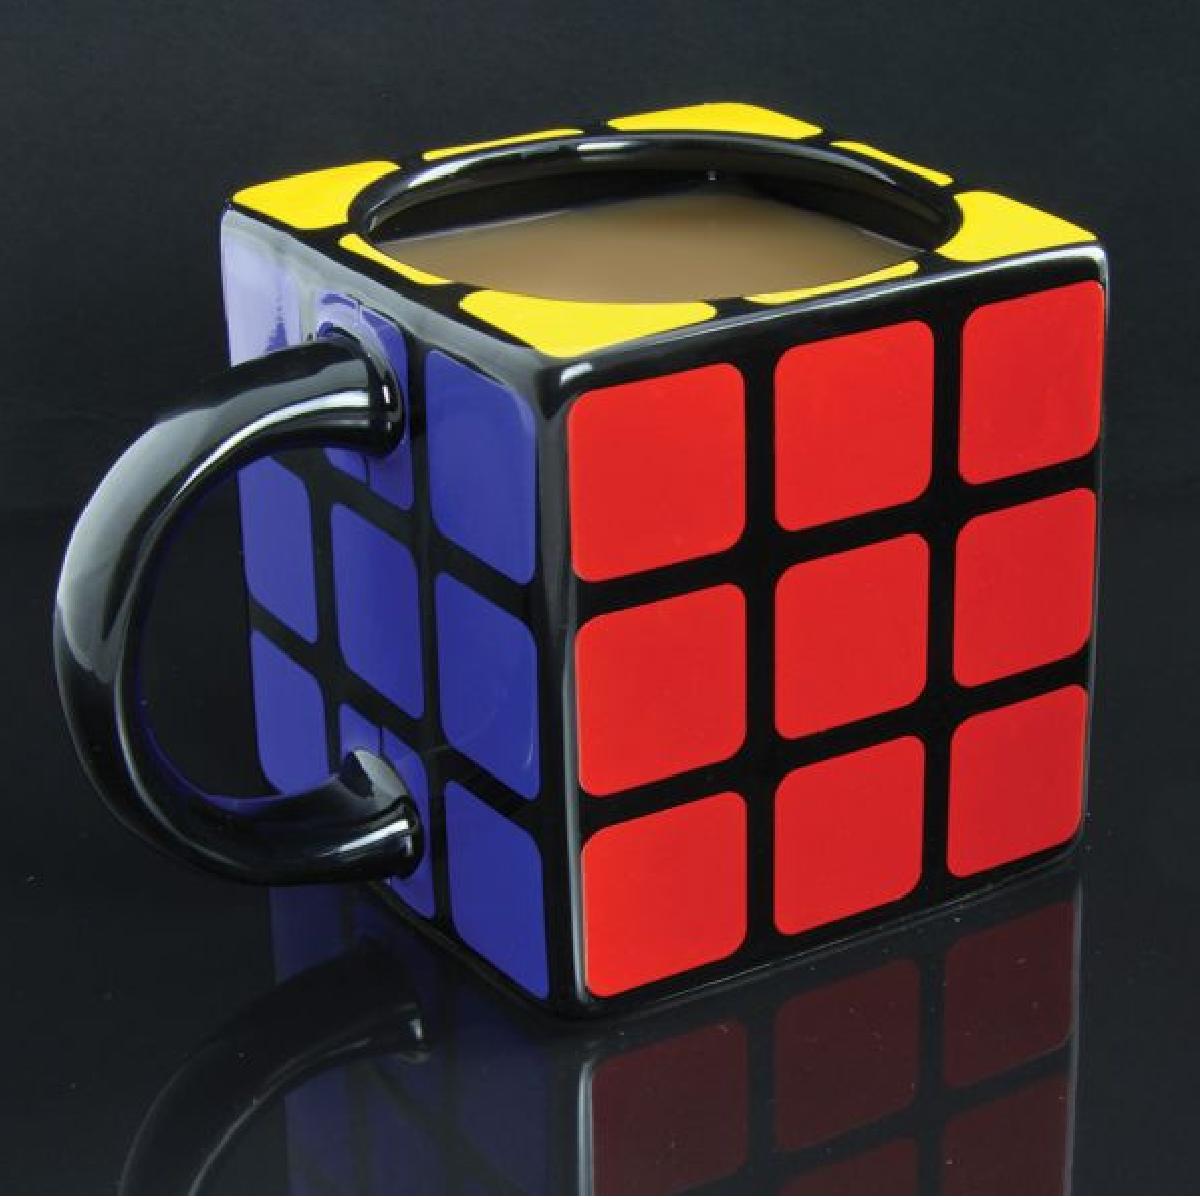 Une tasse ou un mug en forme de Rubik's Cube